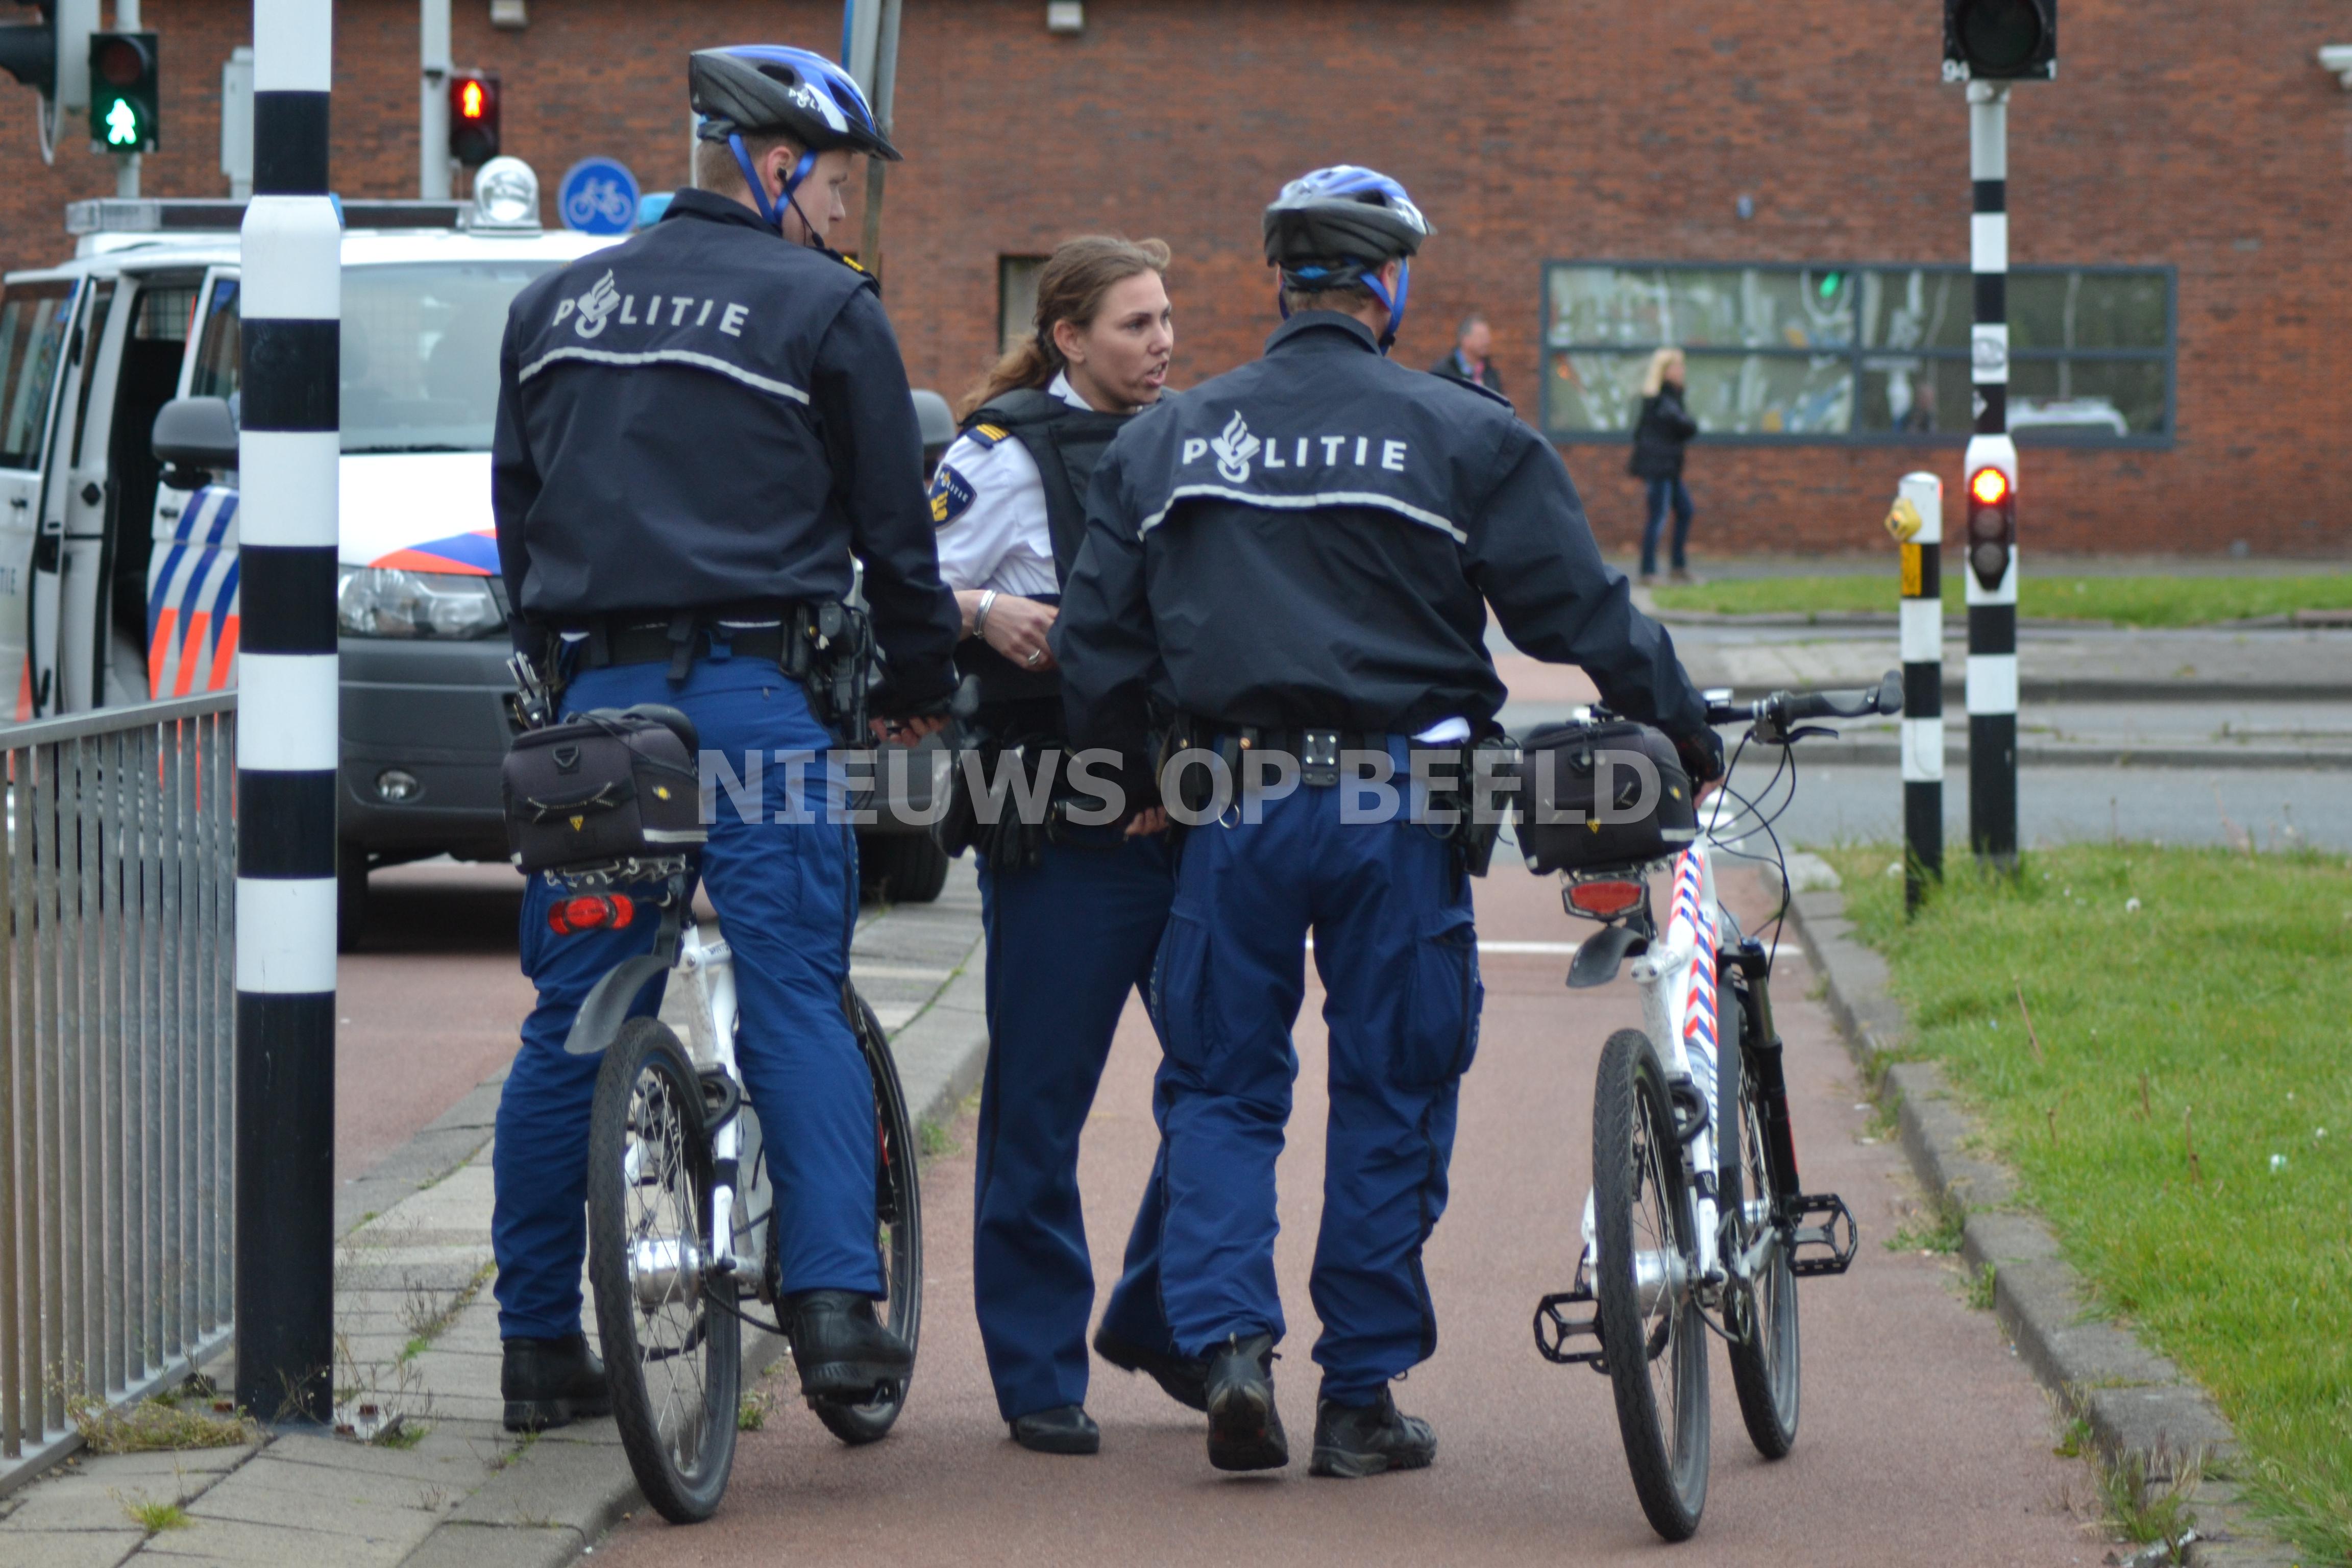 Politie pakt fietsendief nadat eigenaar fiets op marktplaats ziet Nieuwerkerk aan den IJssel